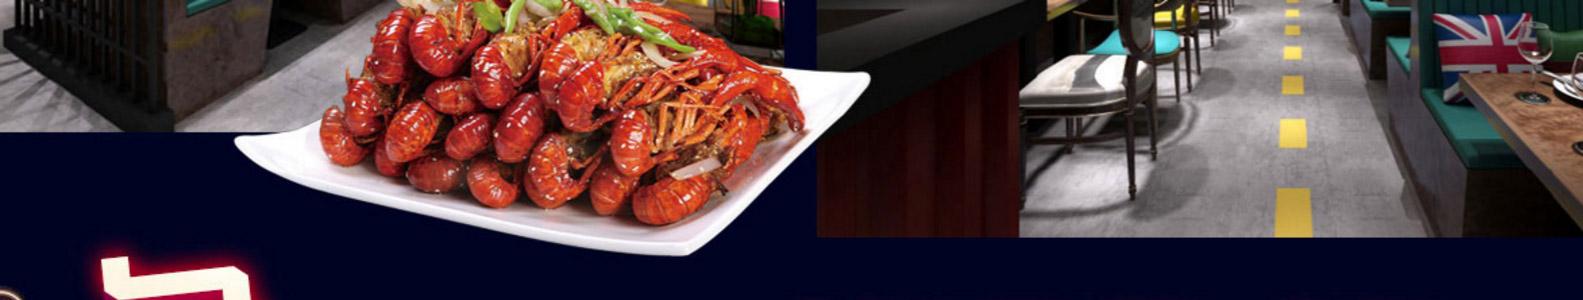 韓魚客烤魚韓魚客烤魚_37